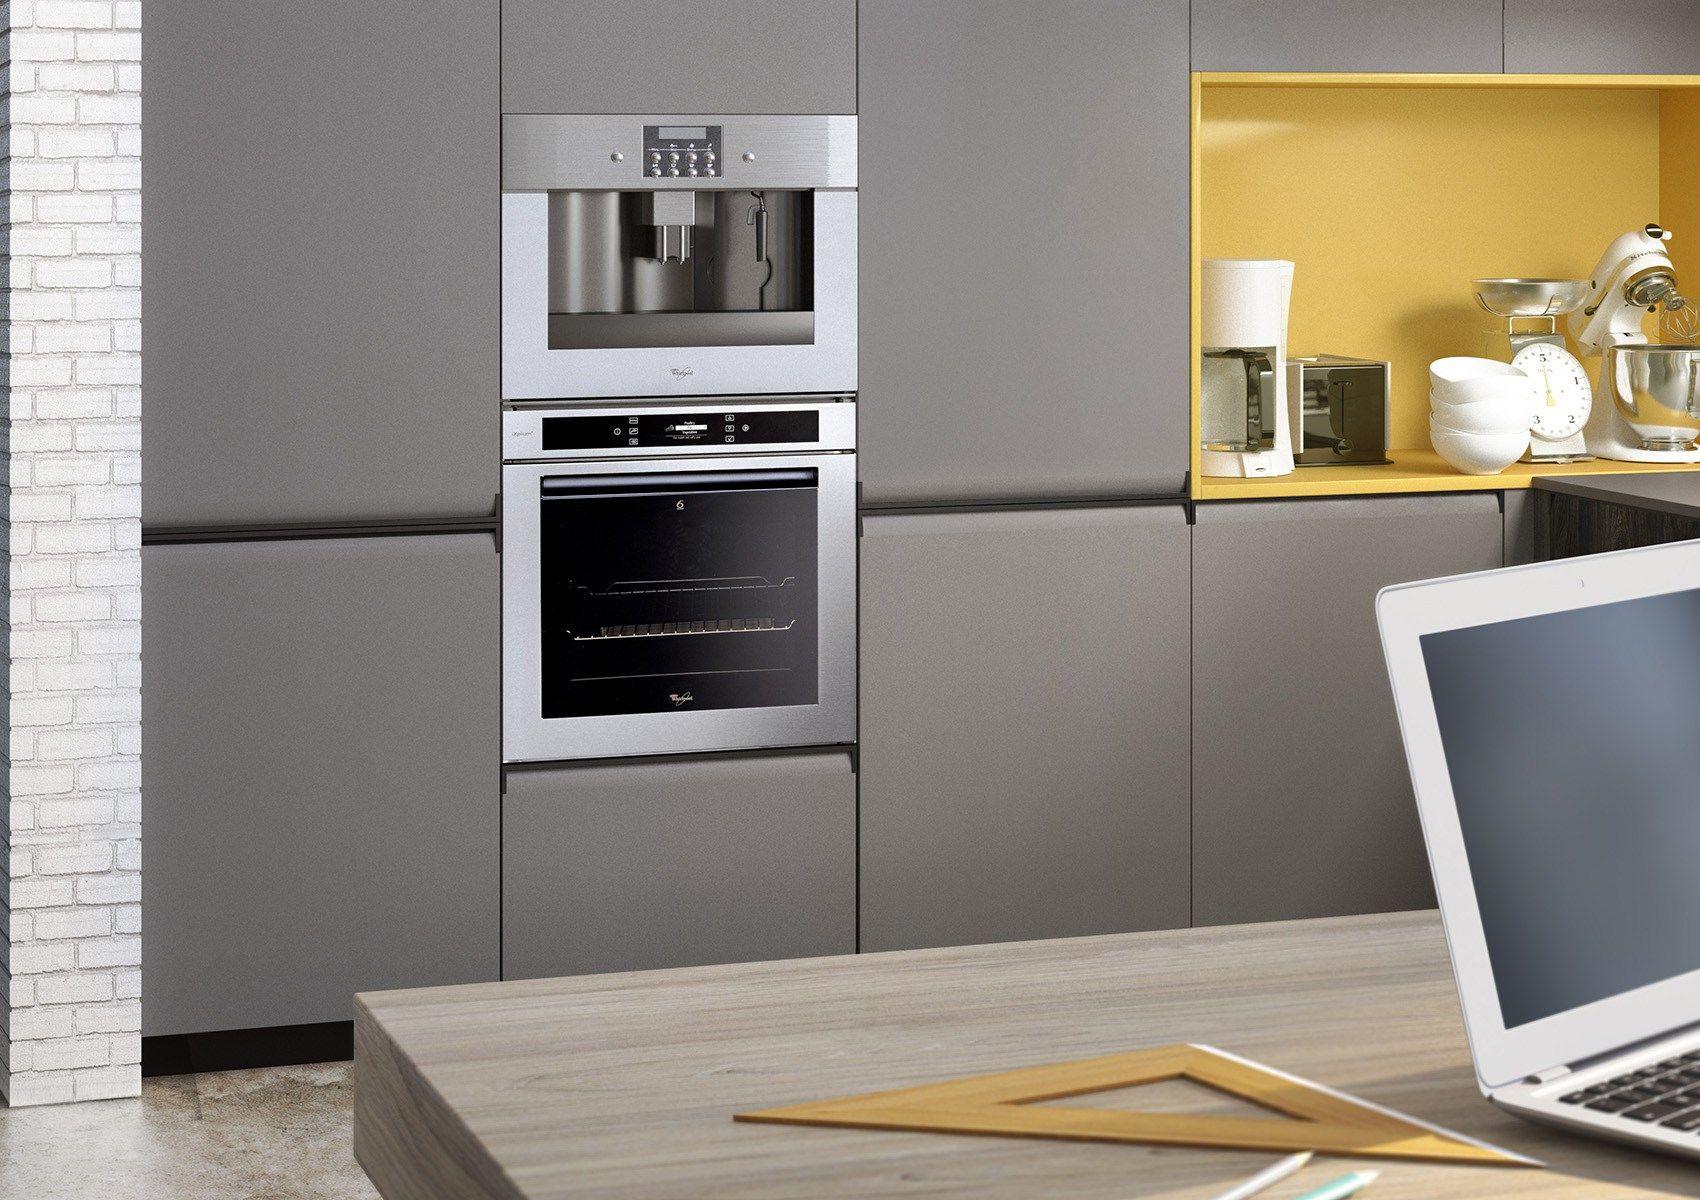 GIBILTERRA Cocina con tiradores integrados by Del Tongo diseño ...